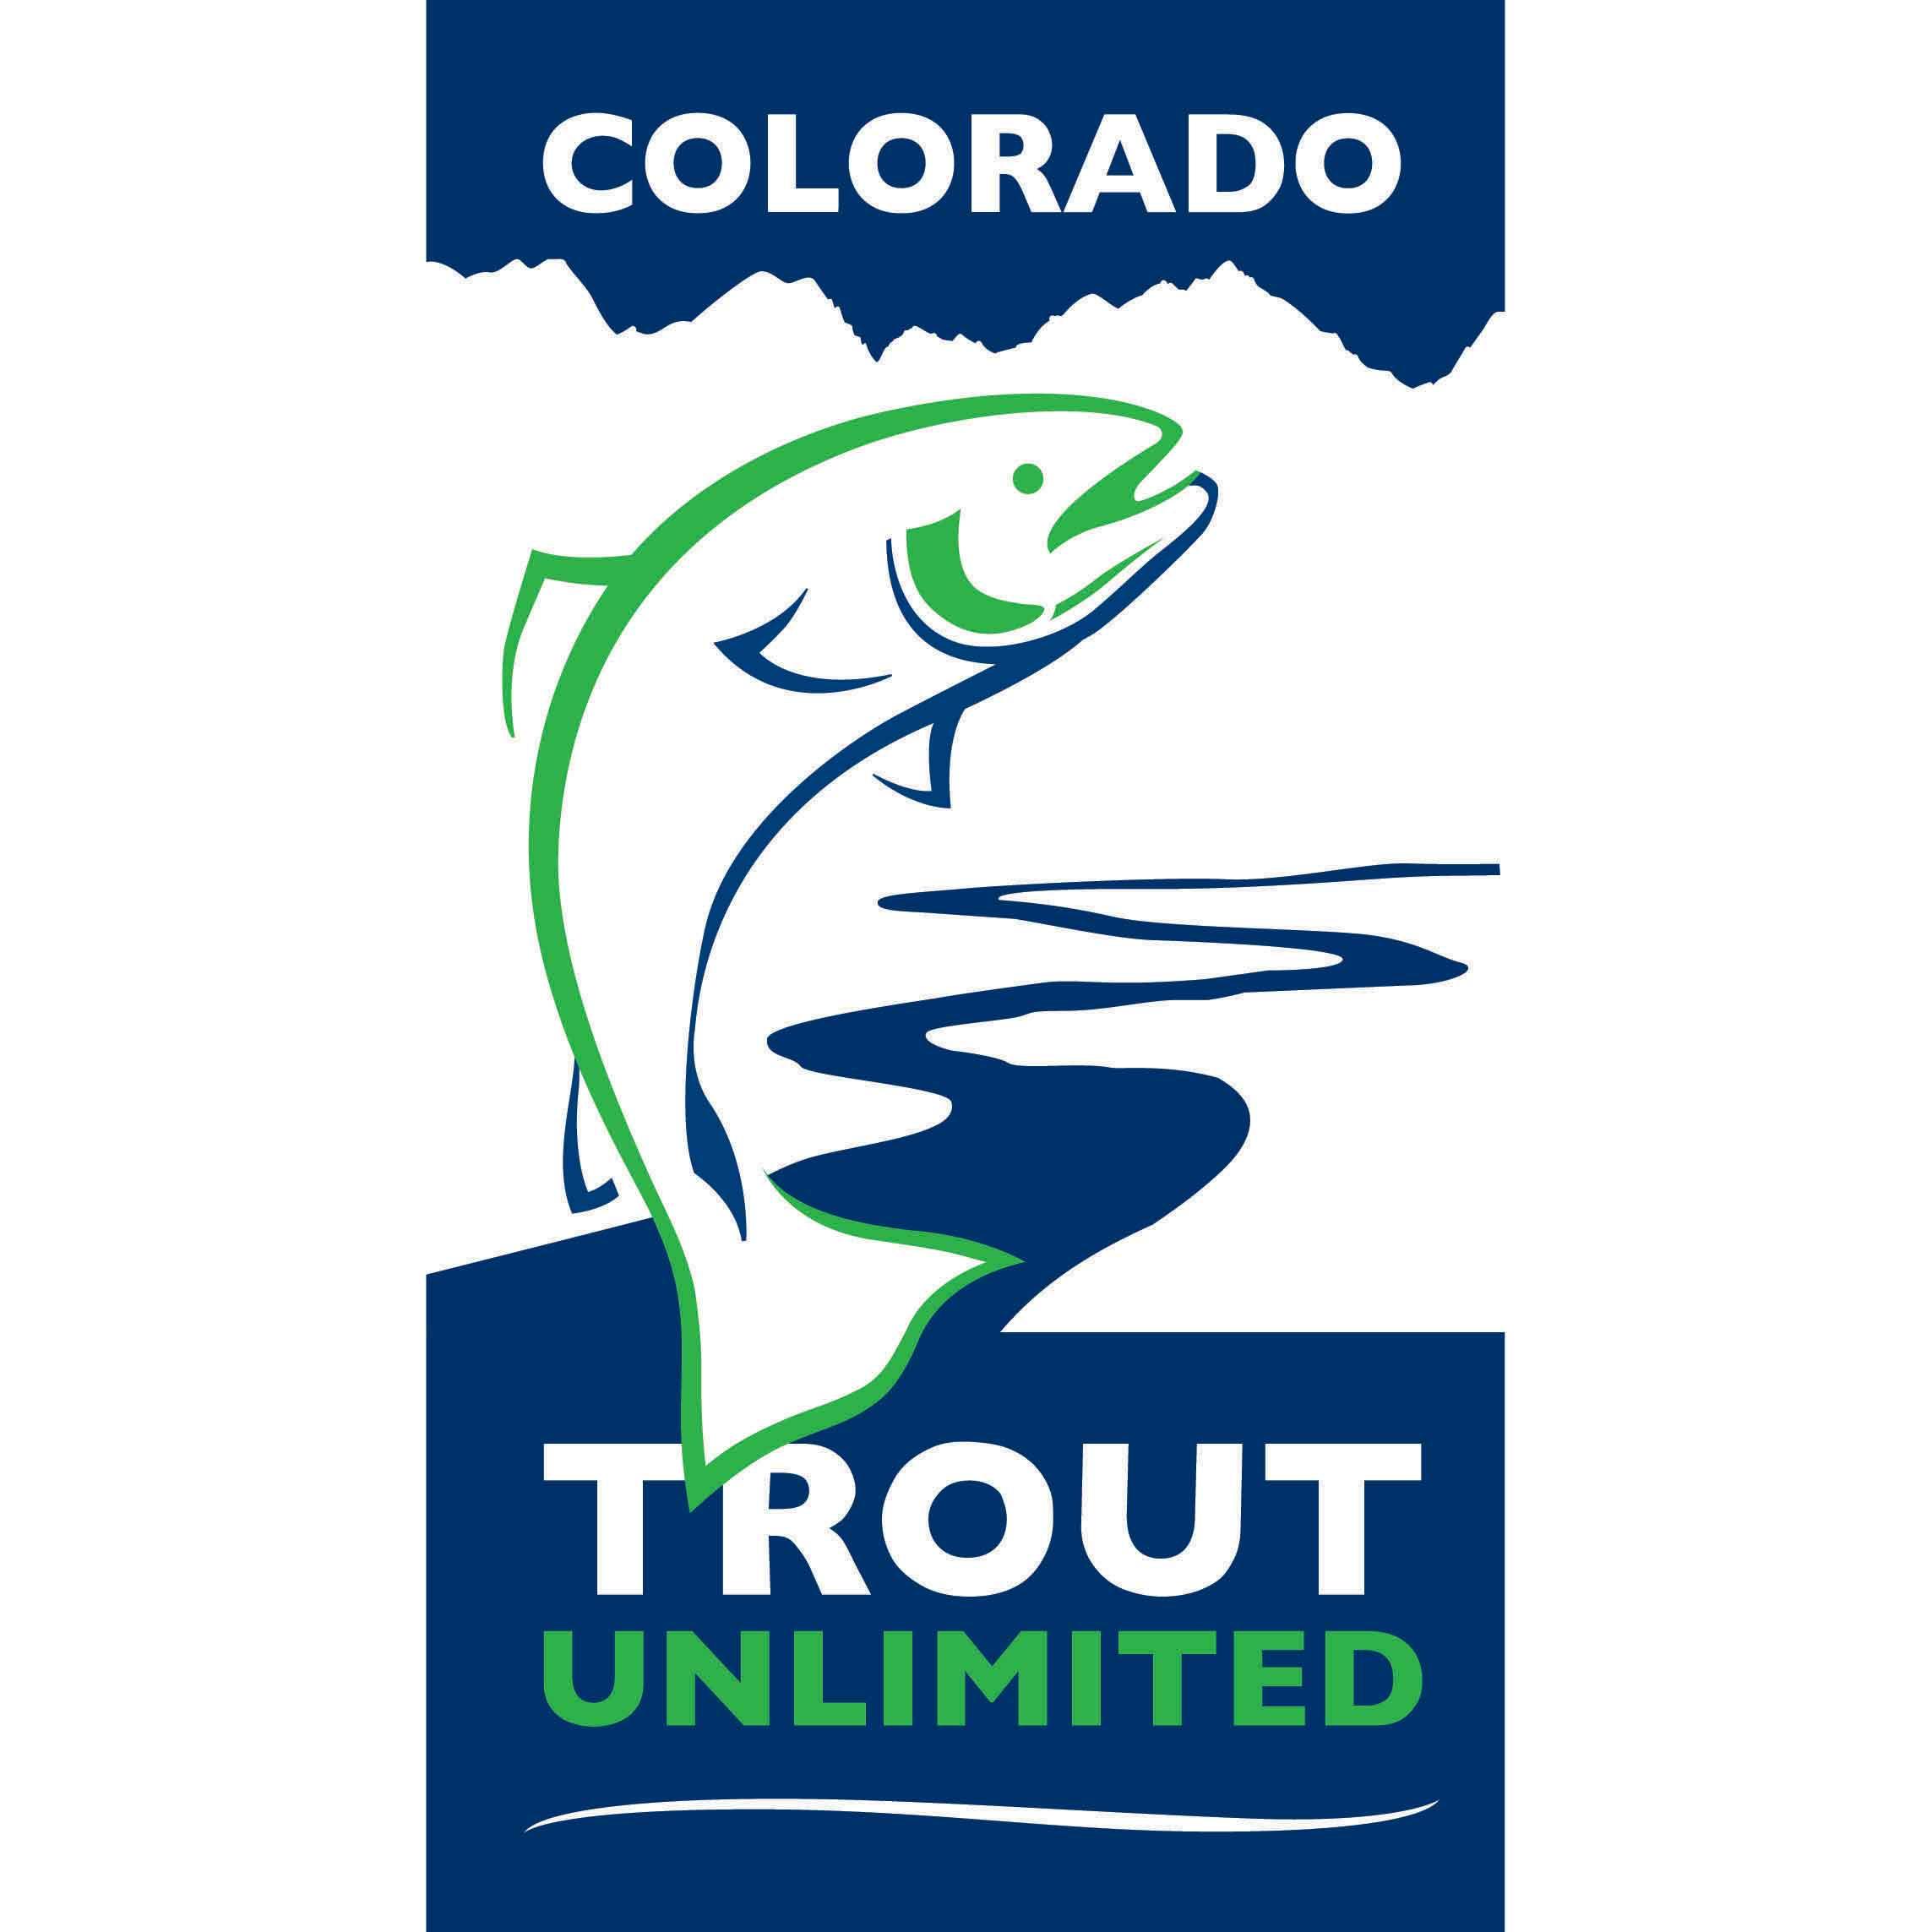 CTU's current logo.